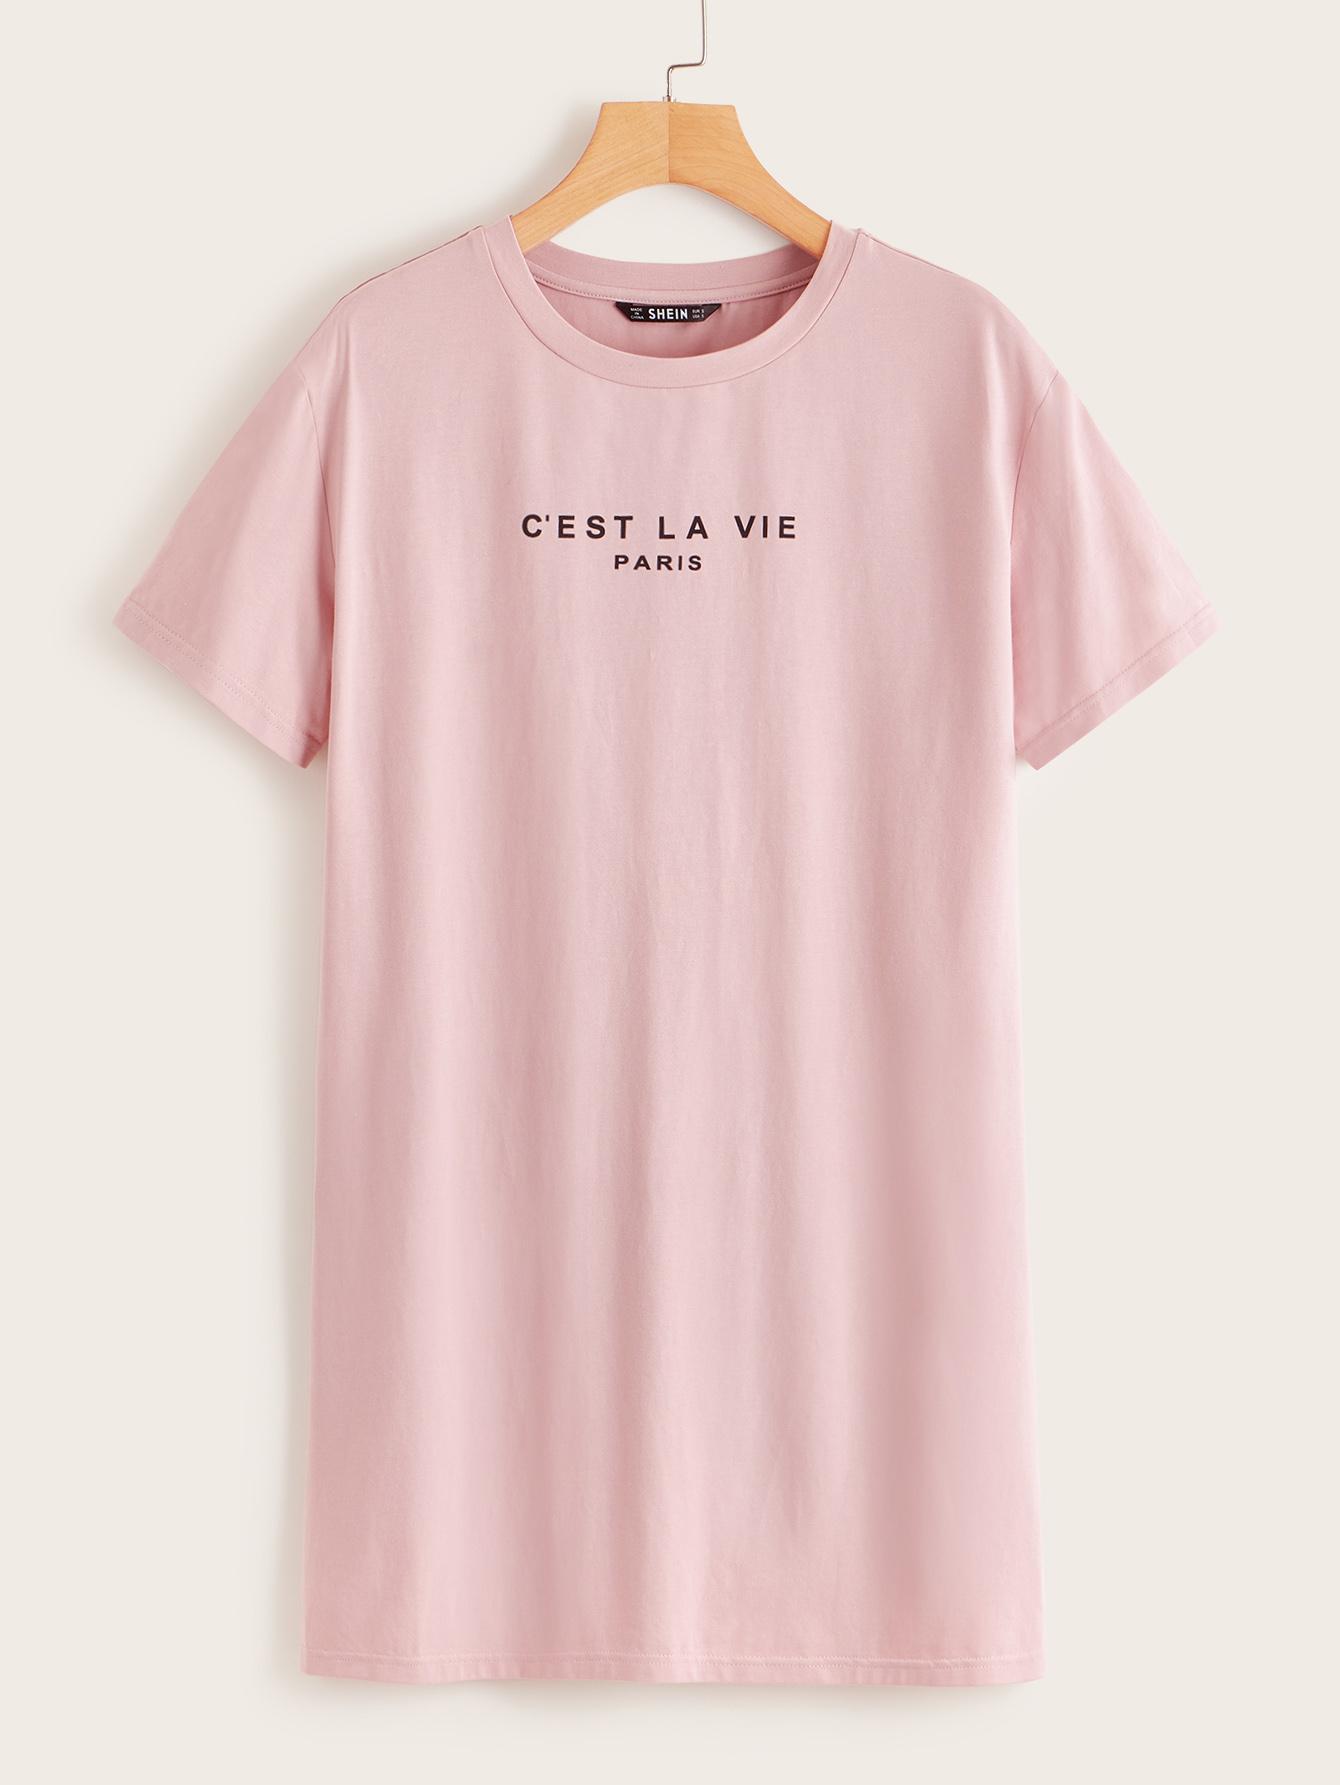 Фото - Платье-футболка с текстовым принтом от SheIn цвет розовые